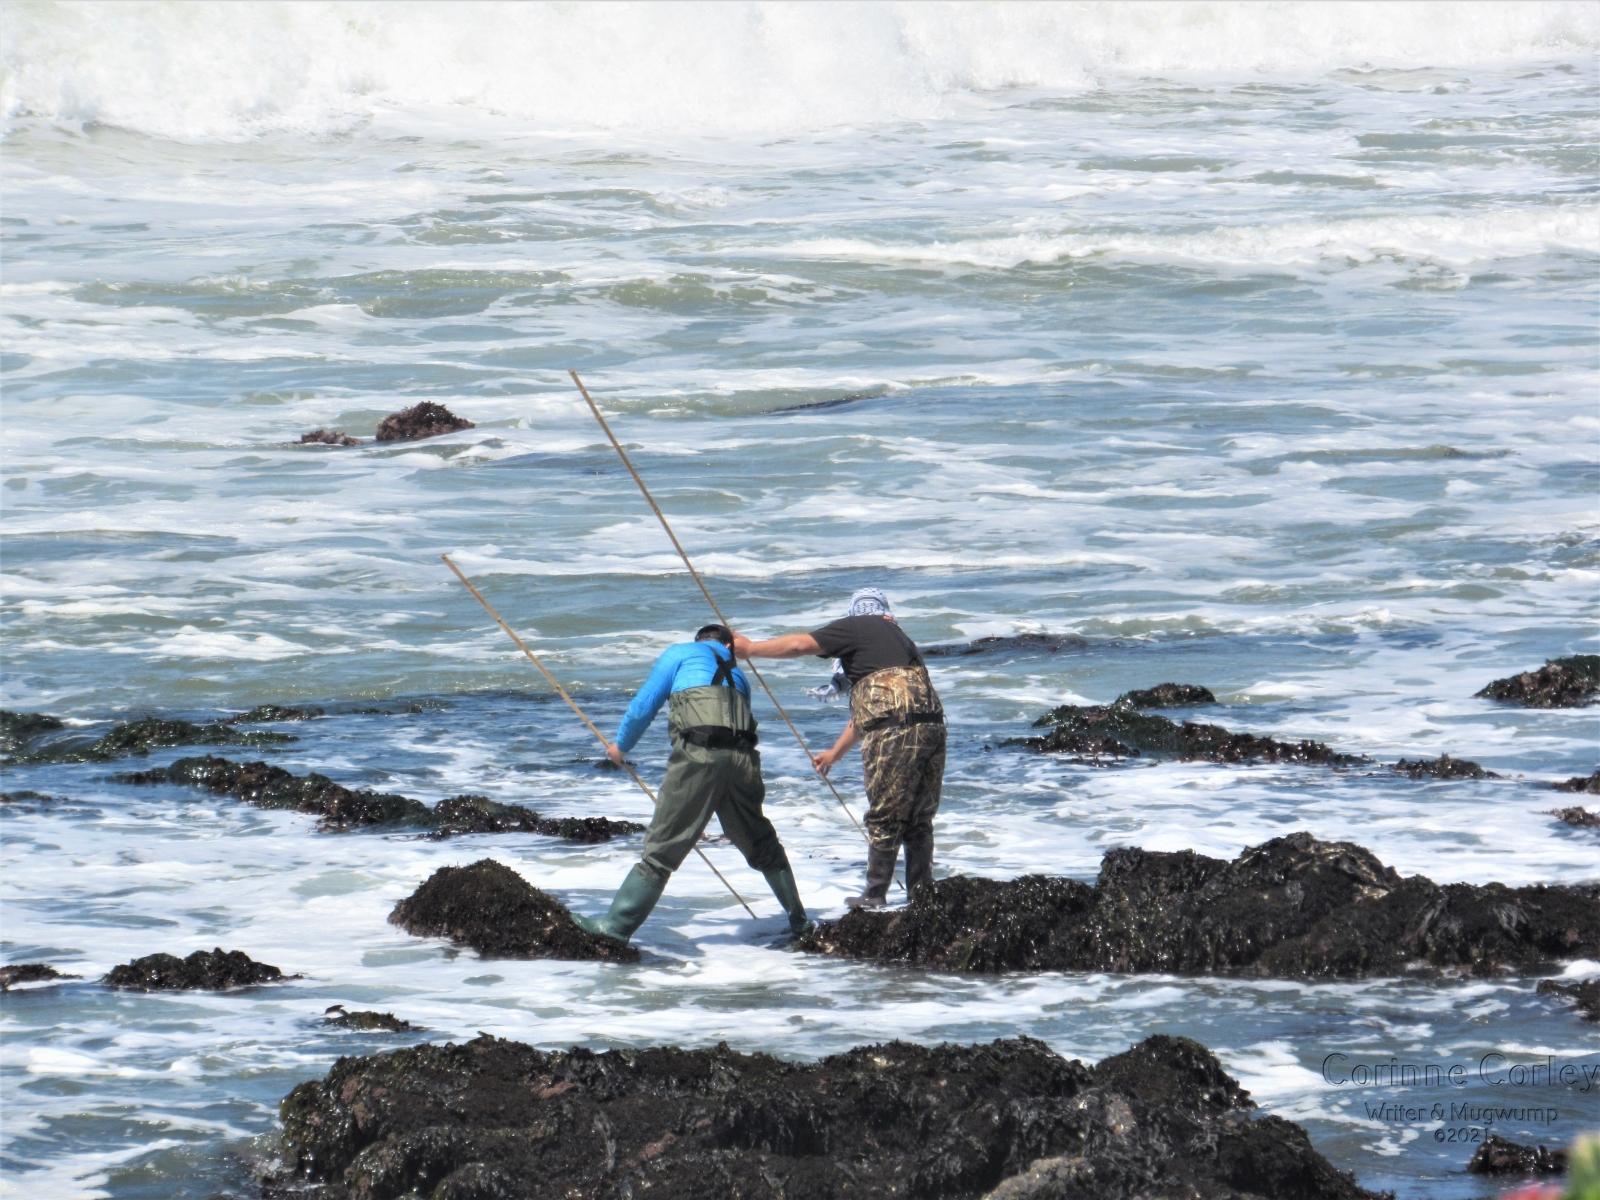 Tandem-fisherfolk